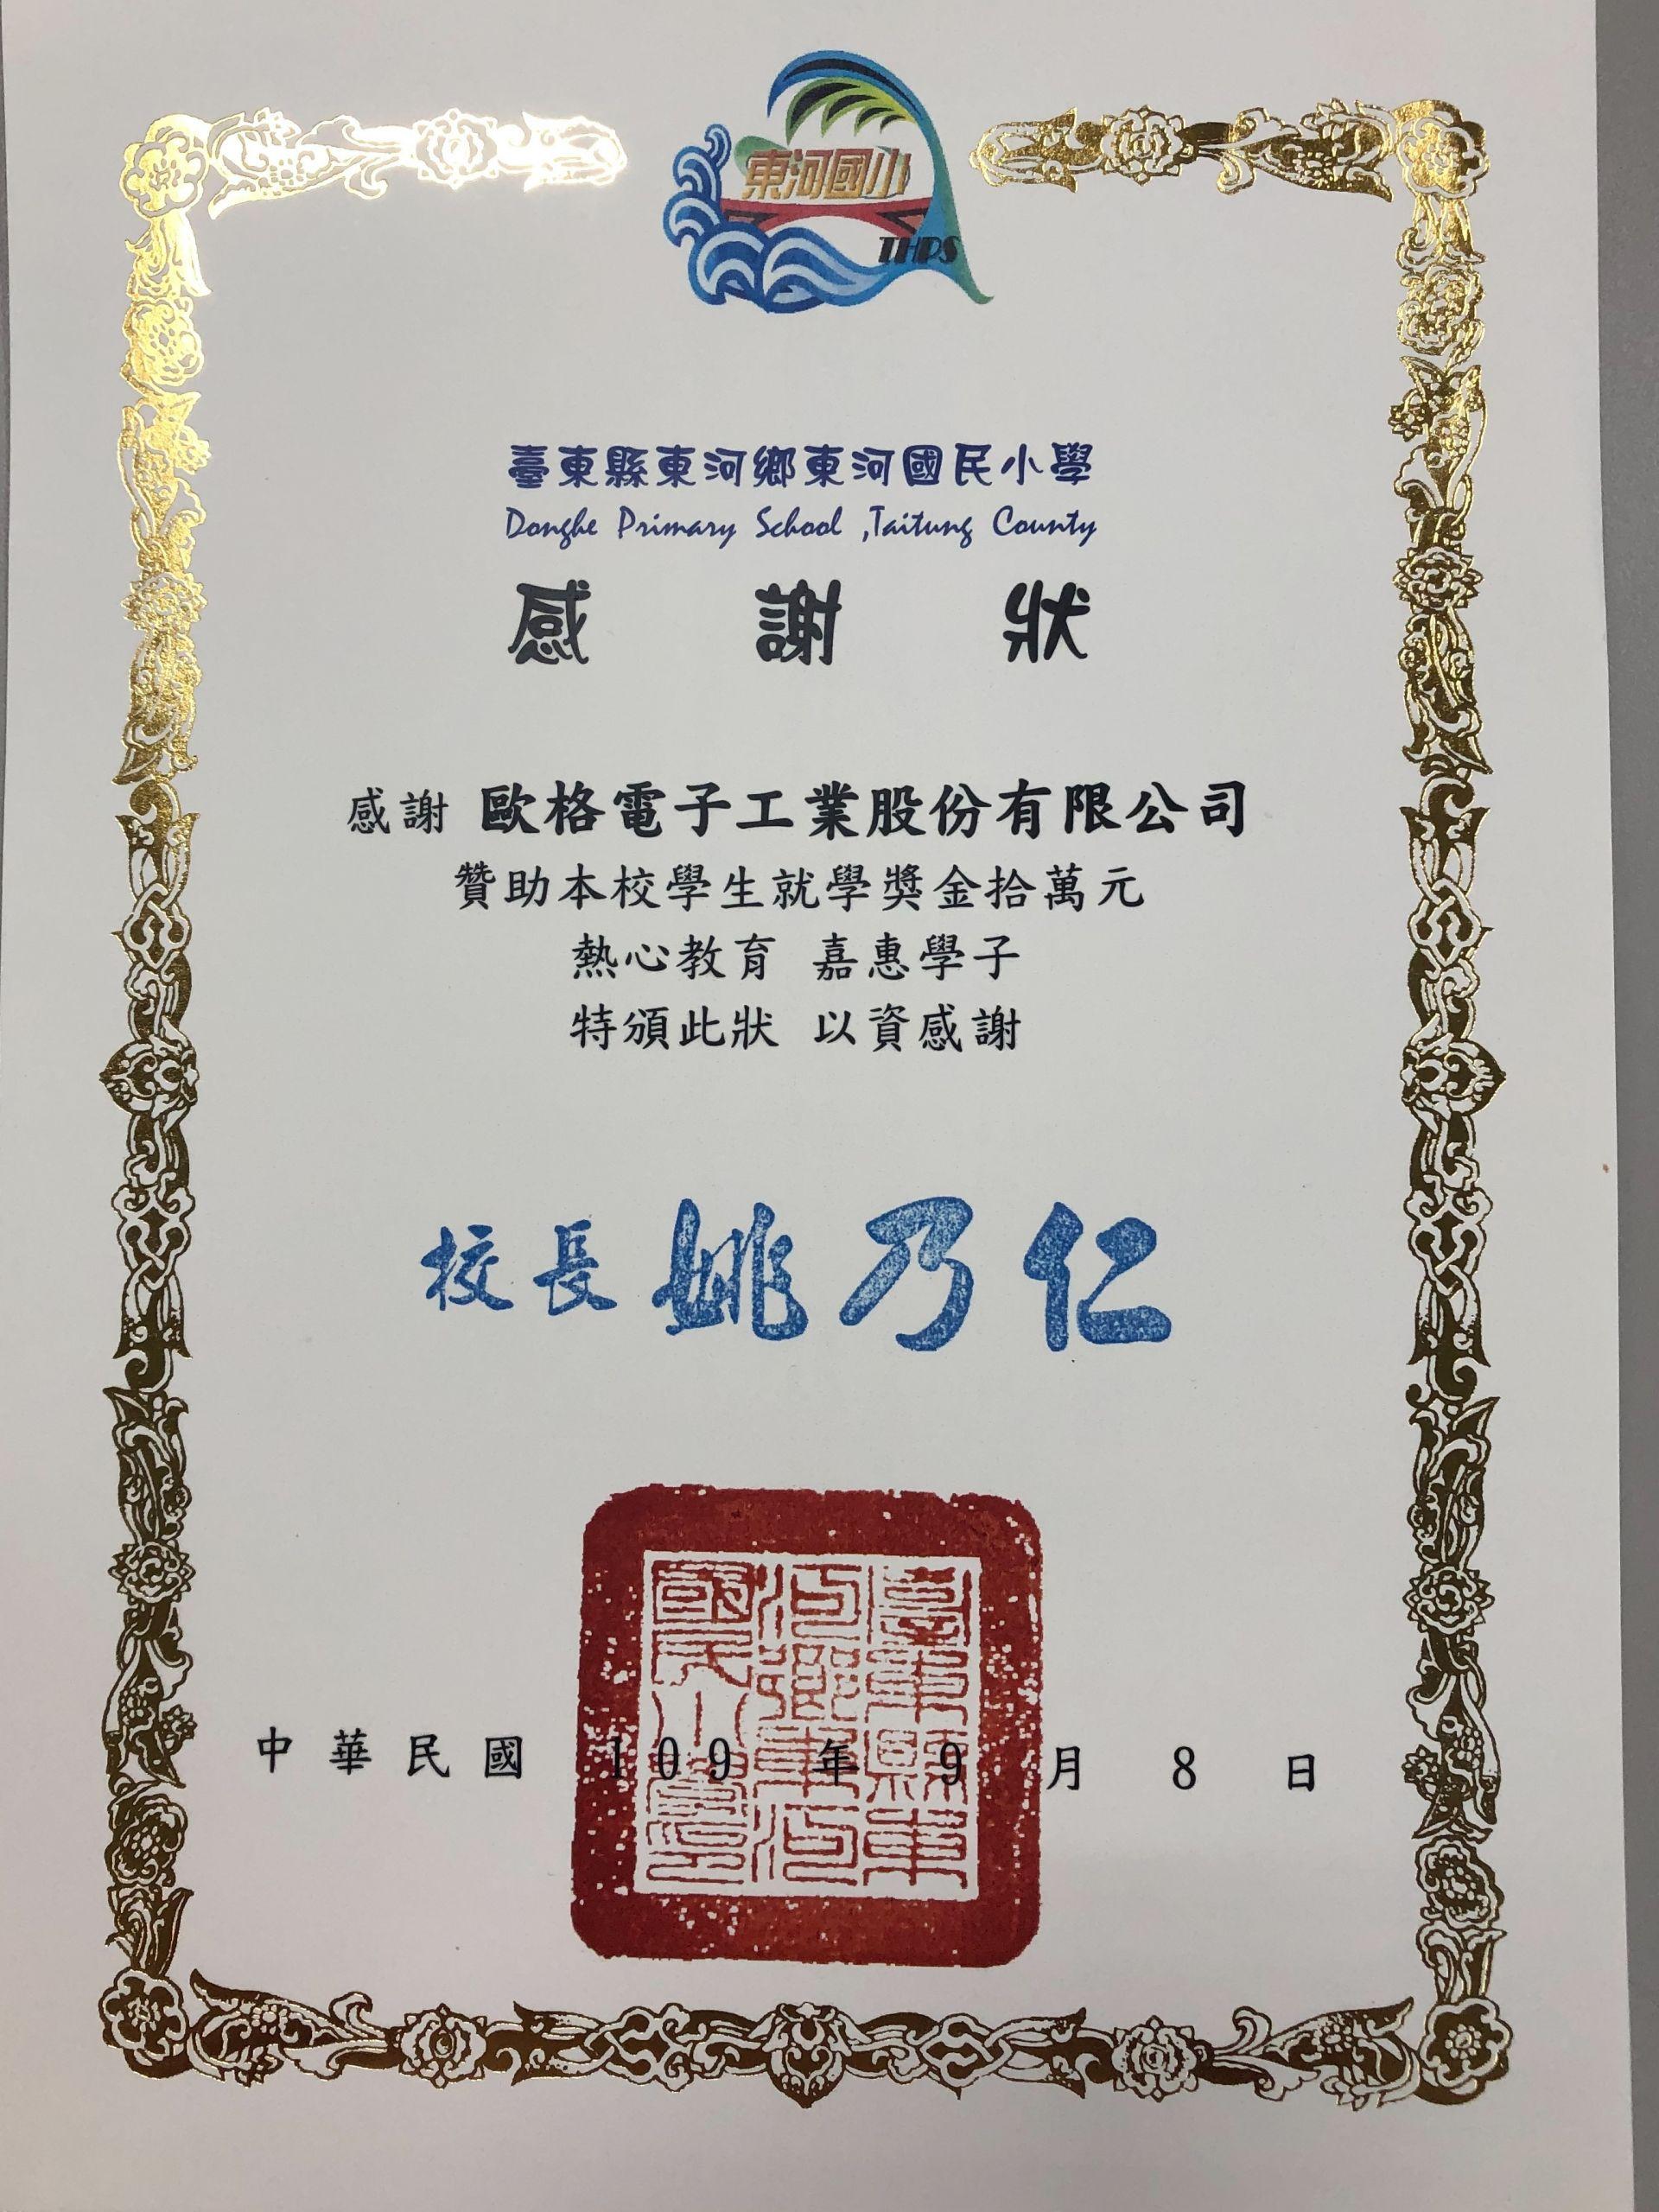 AHOKU recibió el Certificado de reconocimiento de becas 2020 de la escuela primaria Donghe